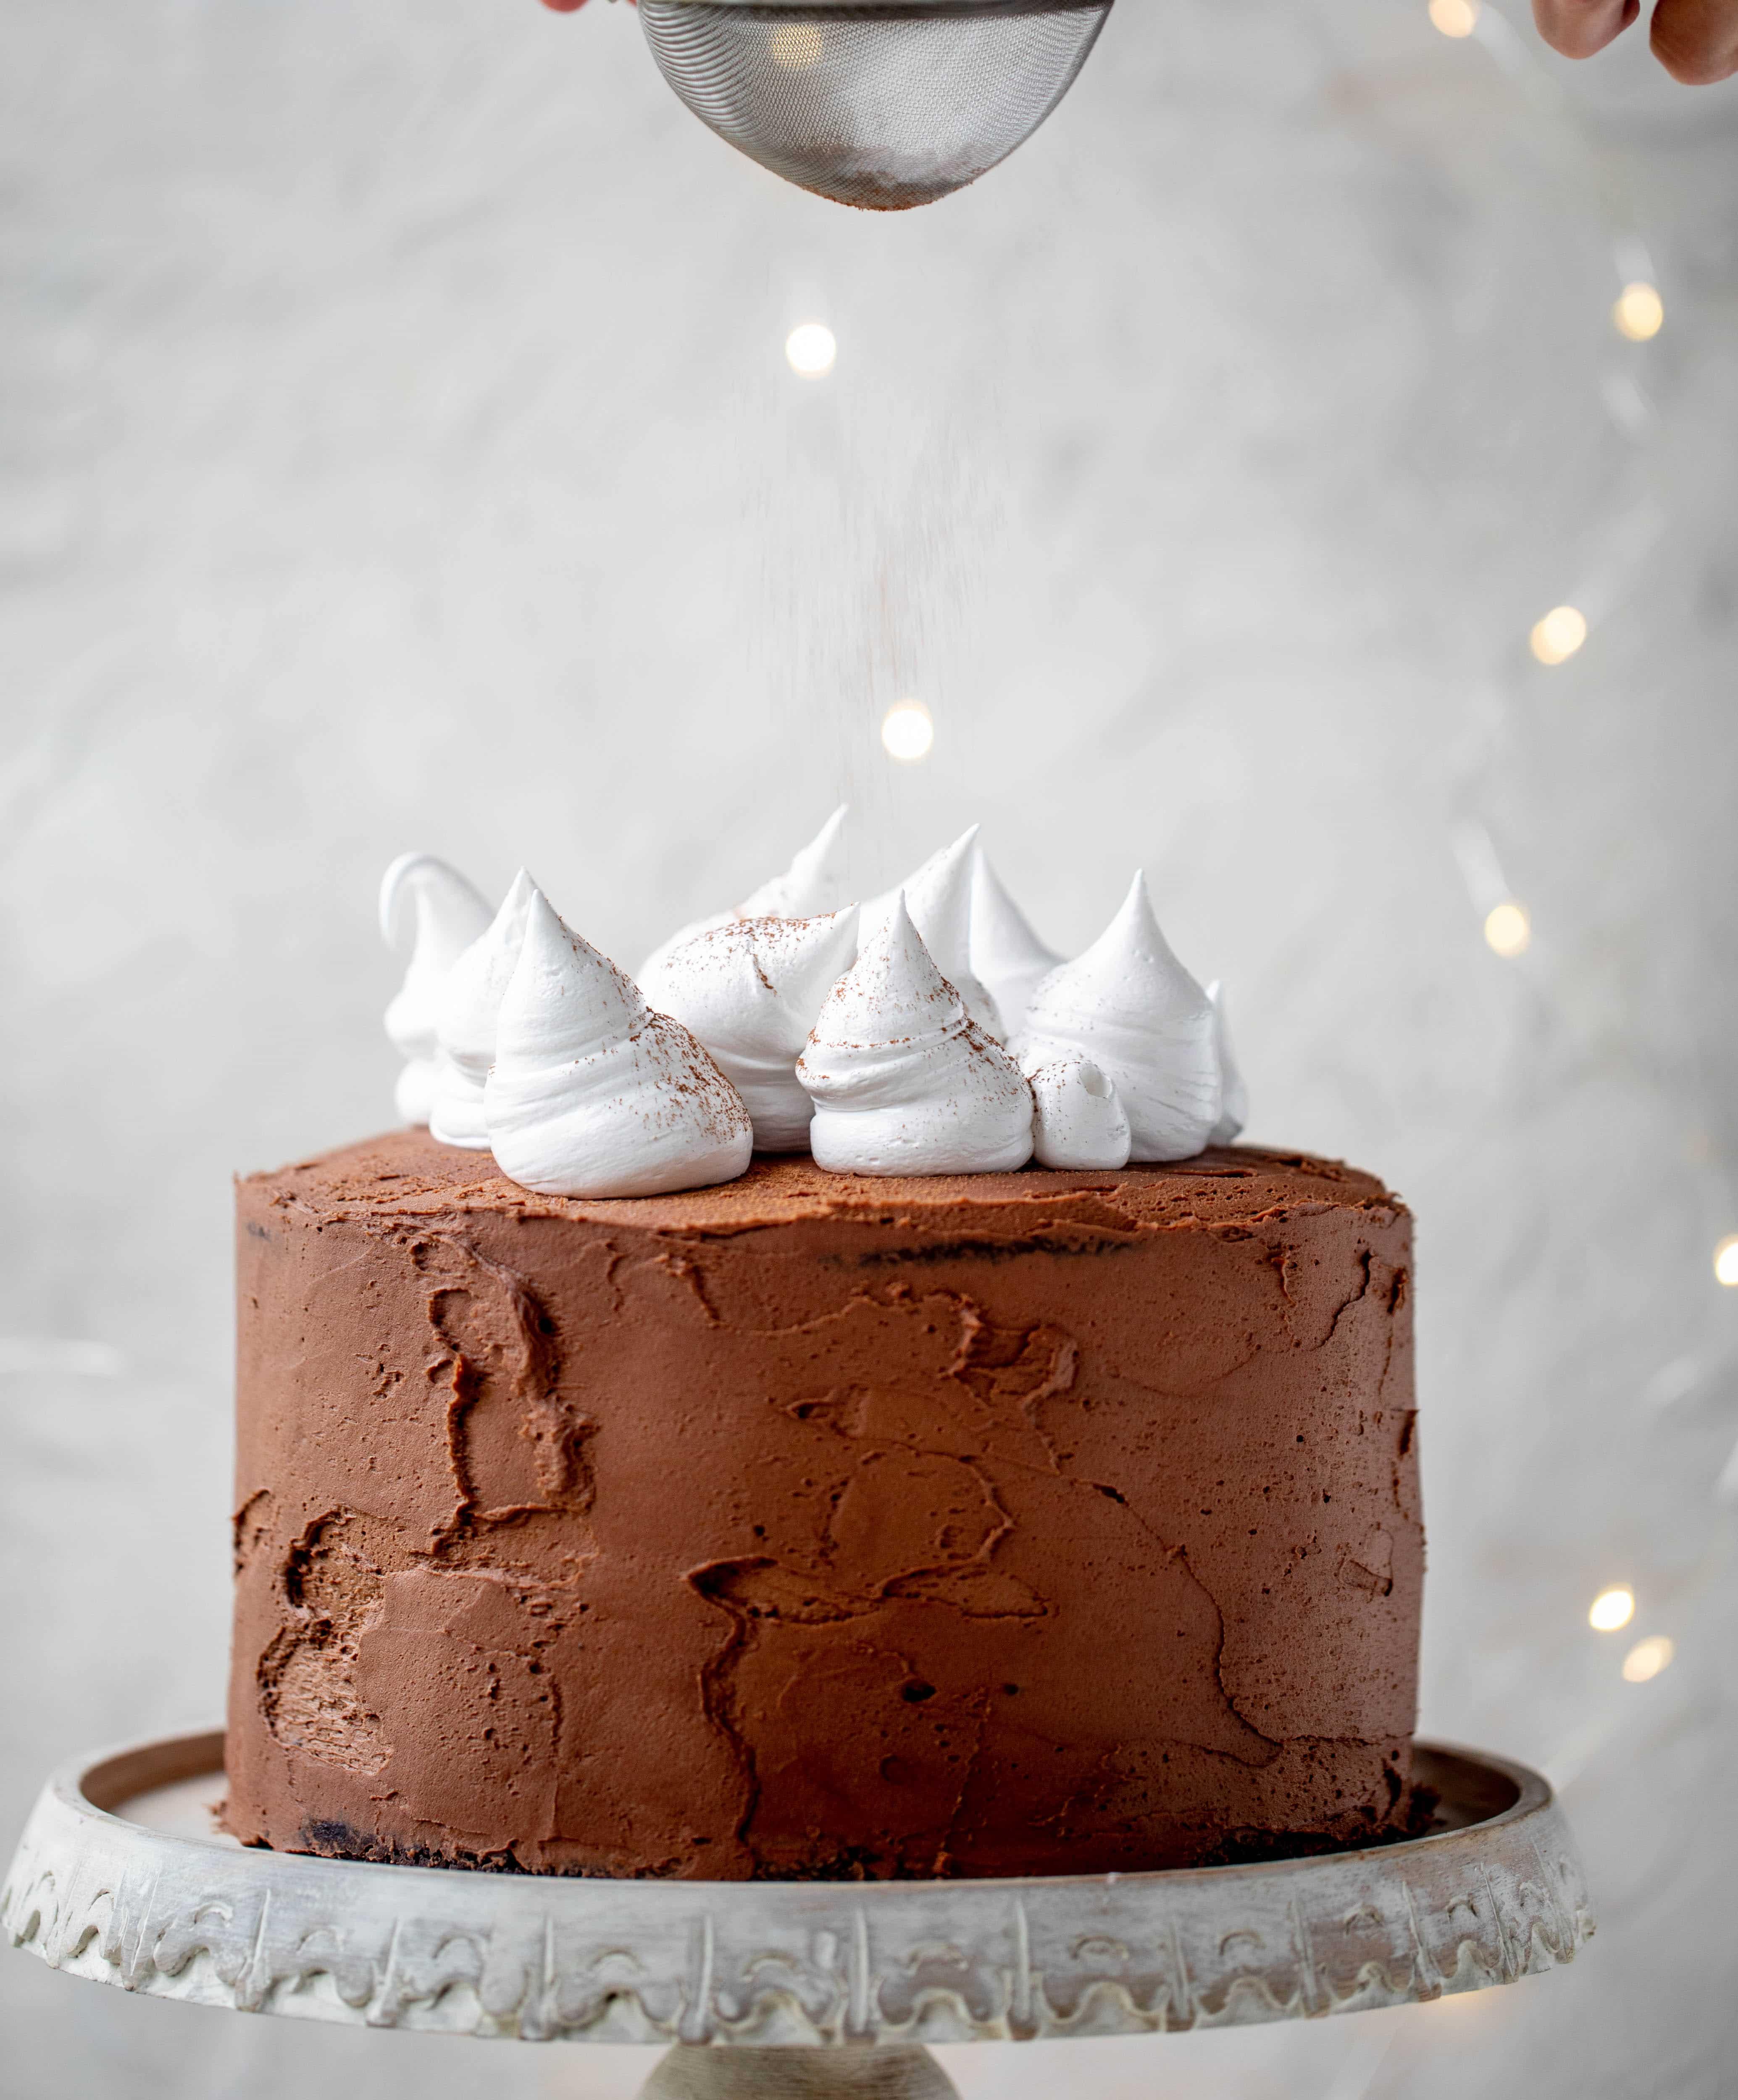 ¡Este pastel de chocolate caliente está hecho con el pastel de chocolate más dulce, cubierto con glaseado de queso crema de chocolate y cubierto con malvavisco batido!